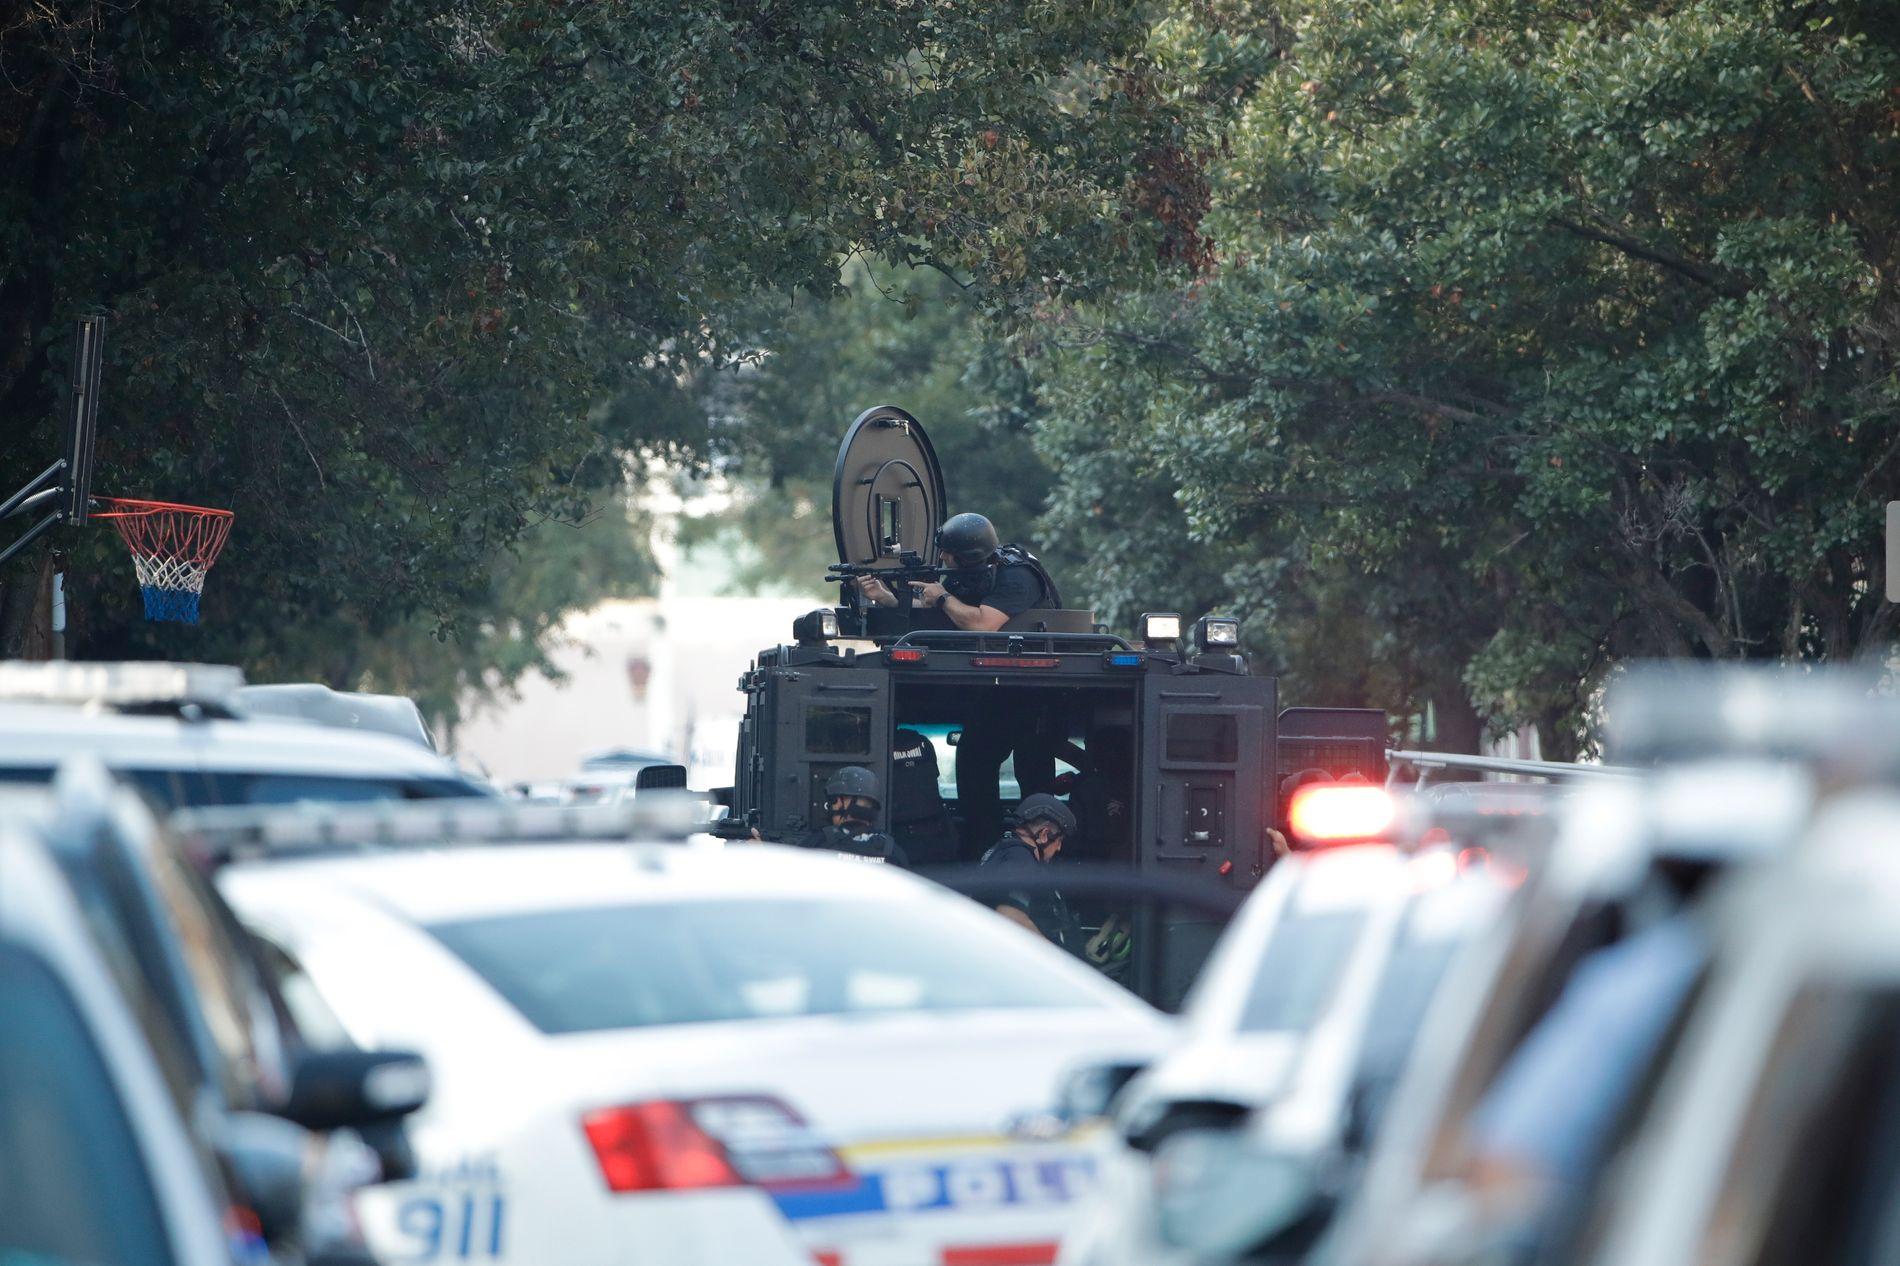 Politiet tar oppstilling utenfor bygget der gjerningspersonen forskanset seg. Foto: Matt Rourke / AP / NTB scanpix